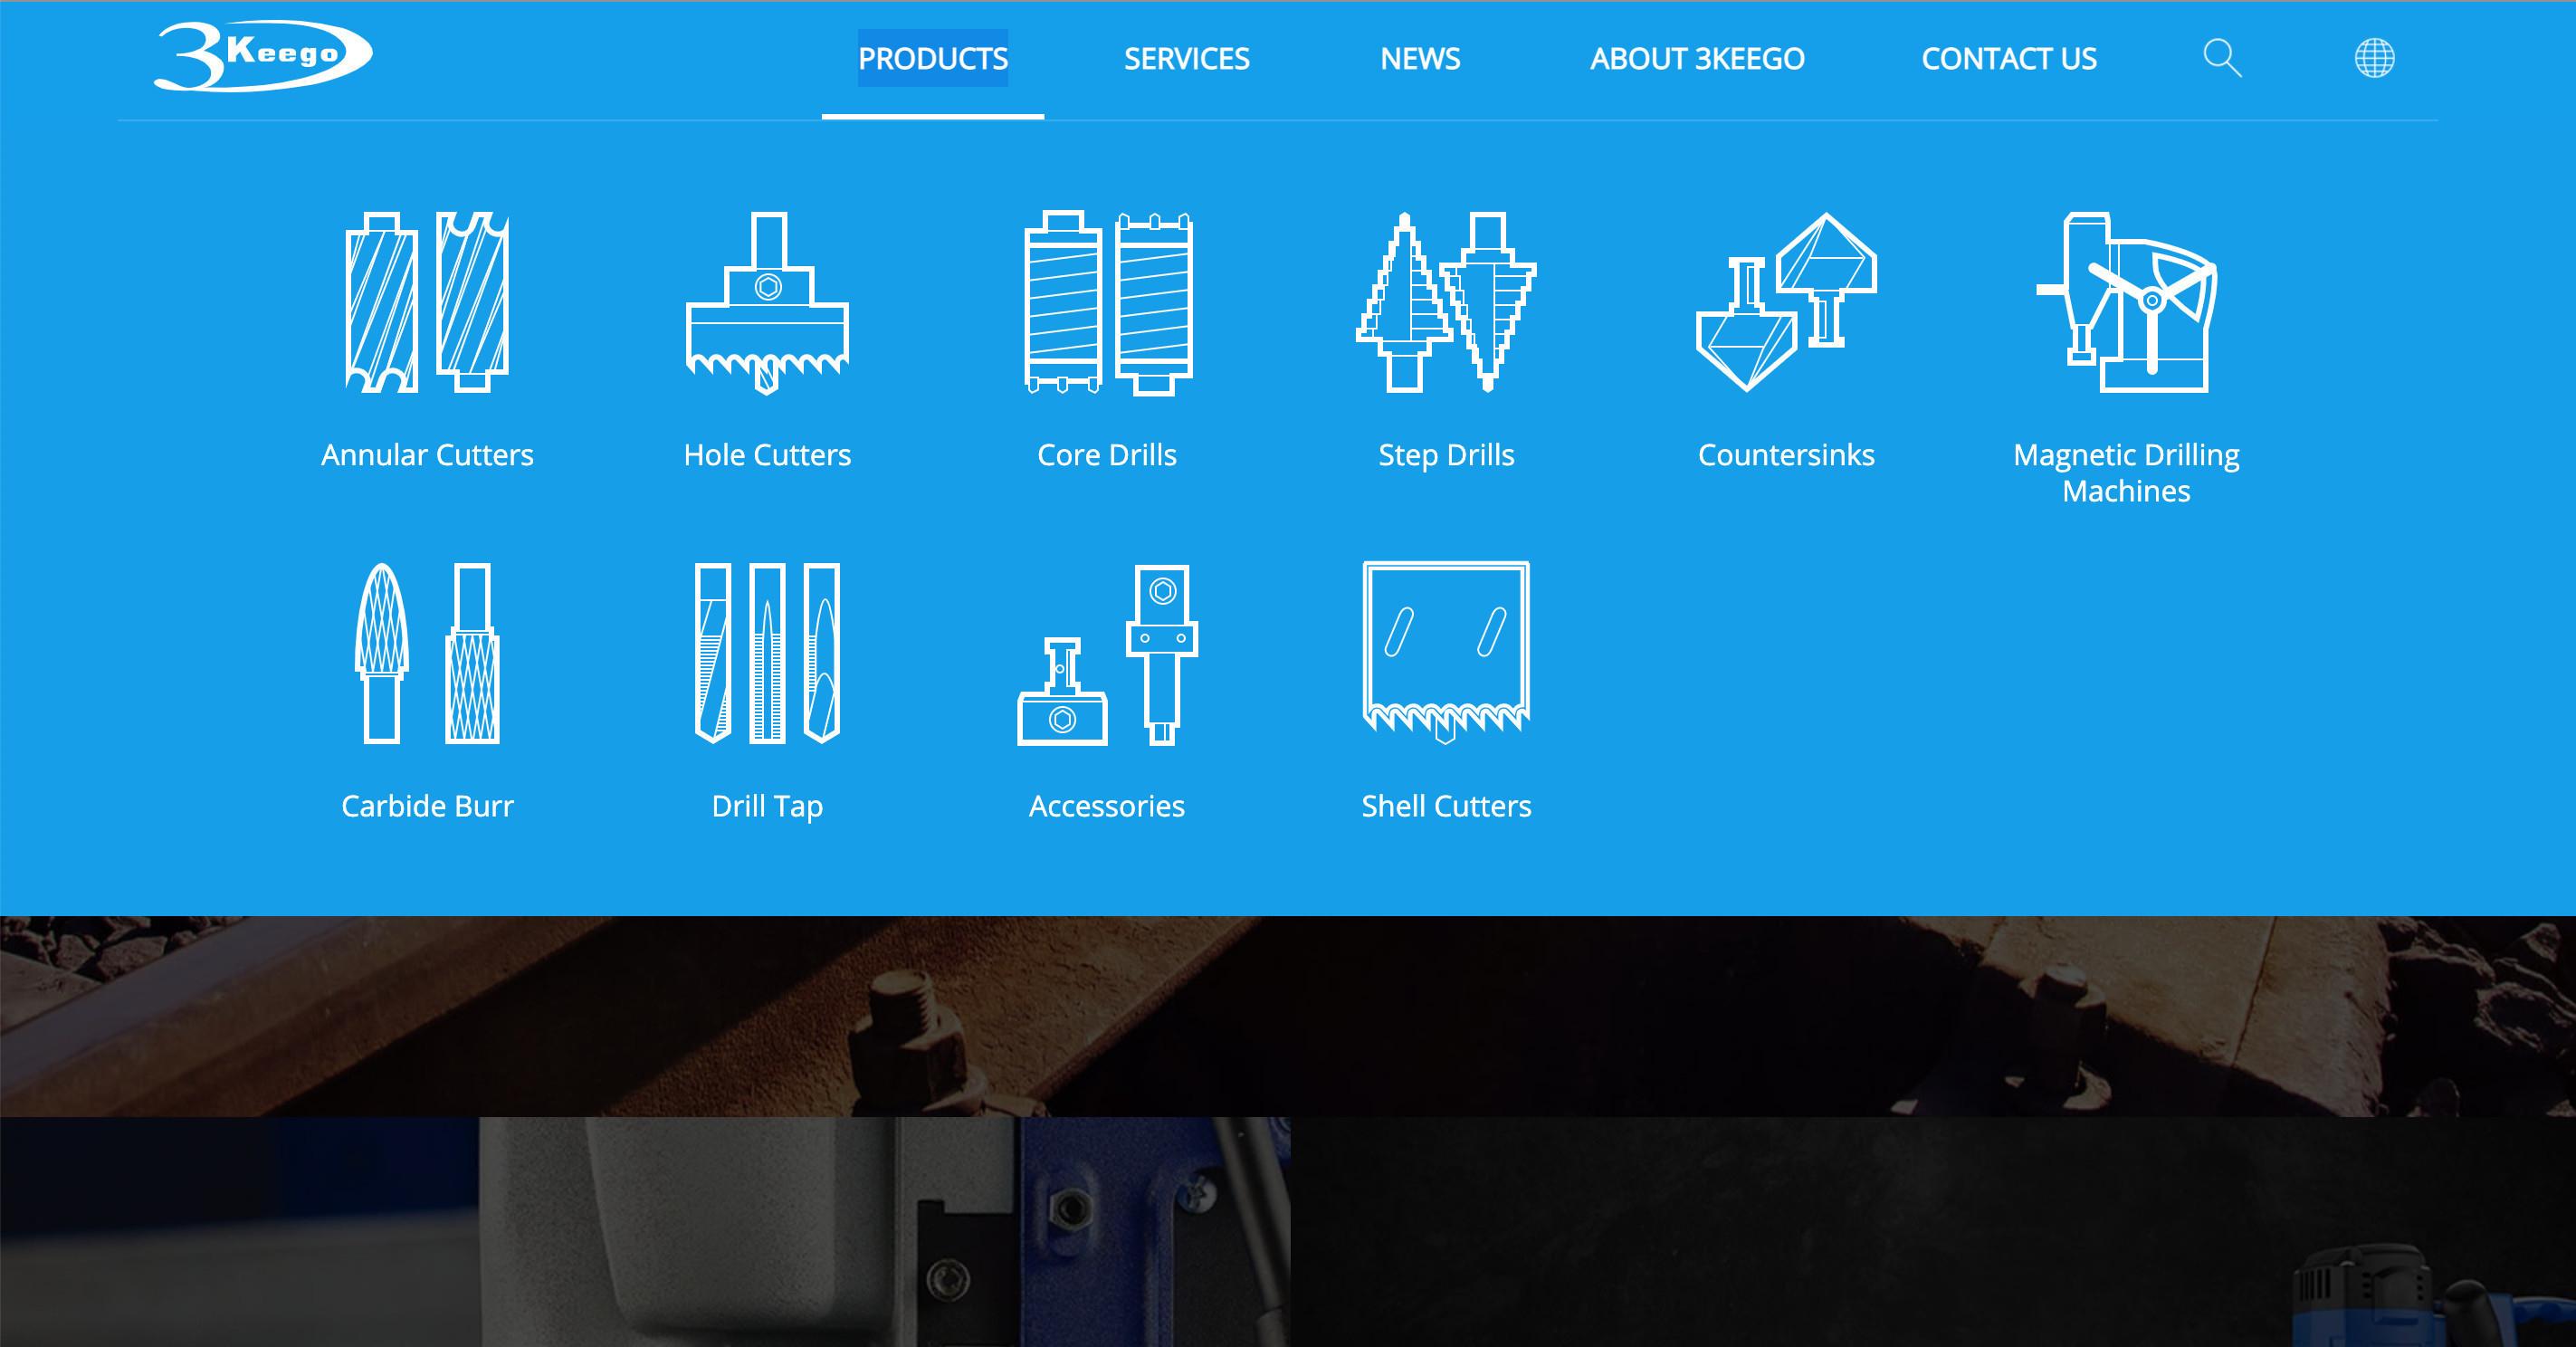 台中SEO網頁設計成功案例-目錄icon圖示|協正金屬3keego專業級鑽孔刀具製造廠